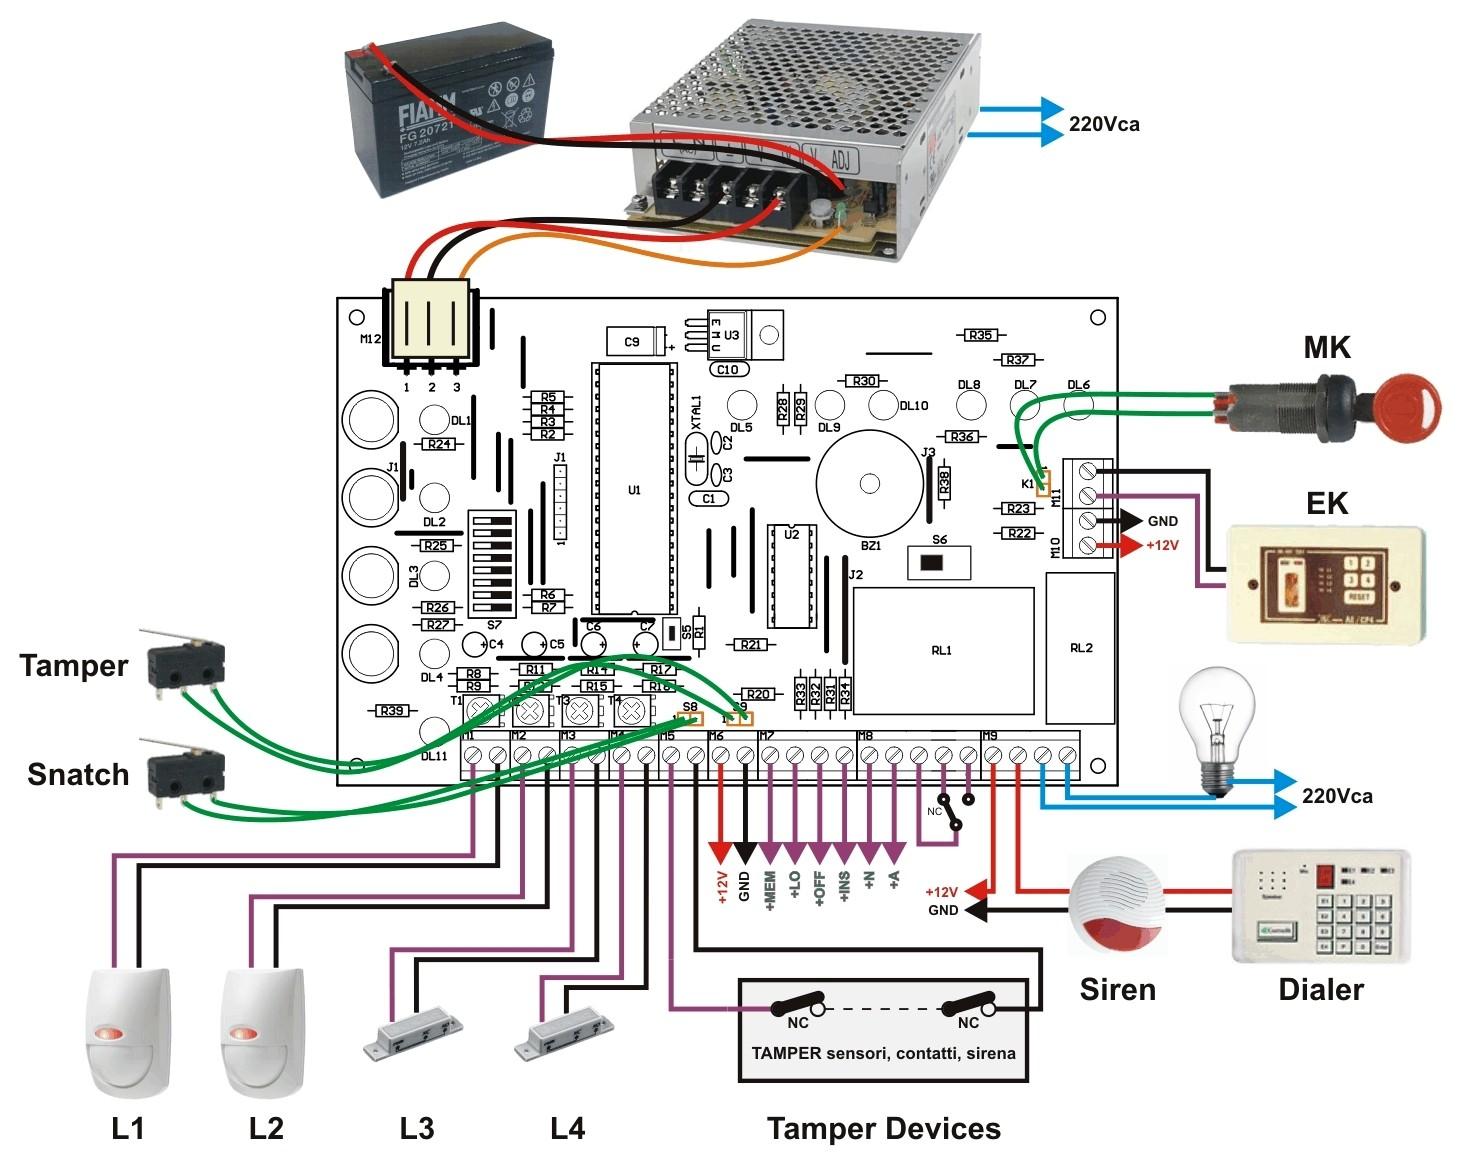 Schema Elettrico Sirena Autoalimentata : Schema elettrico allarme lince fare di una mosca